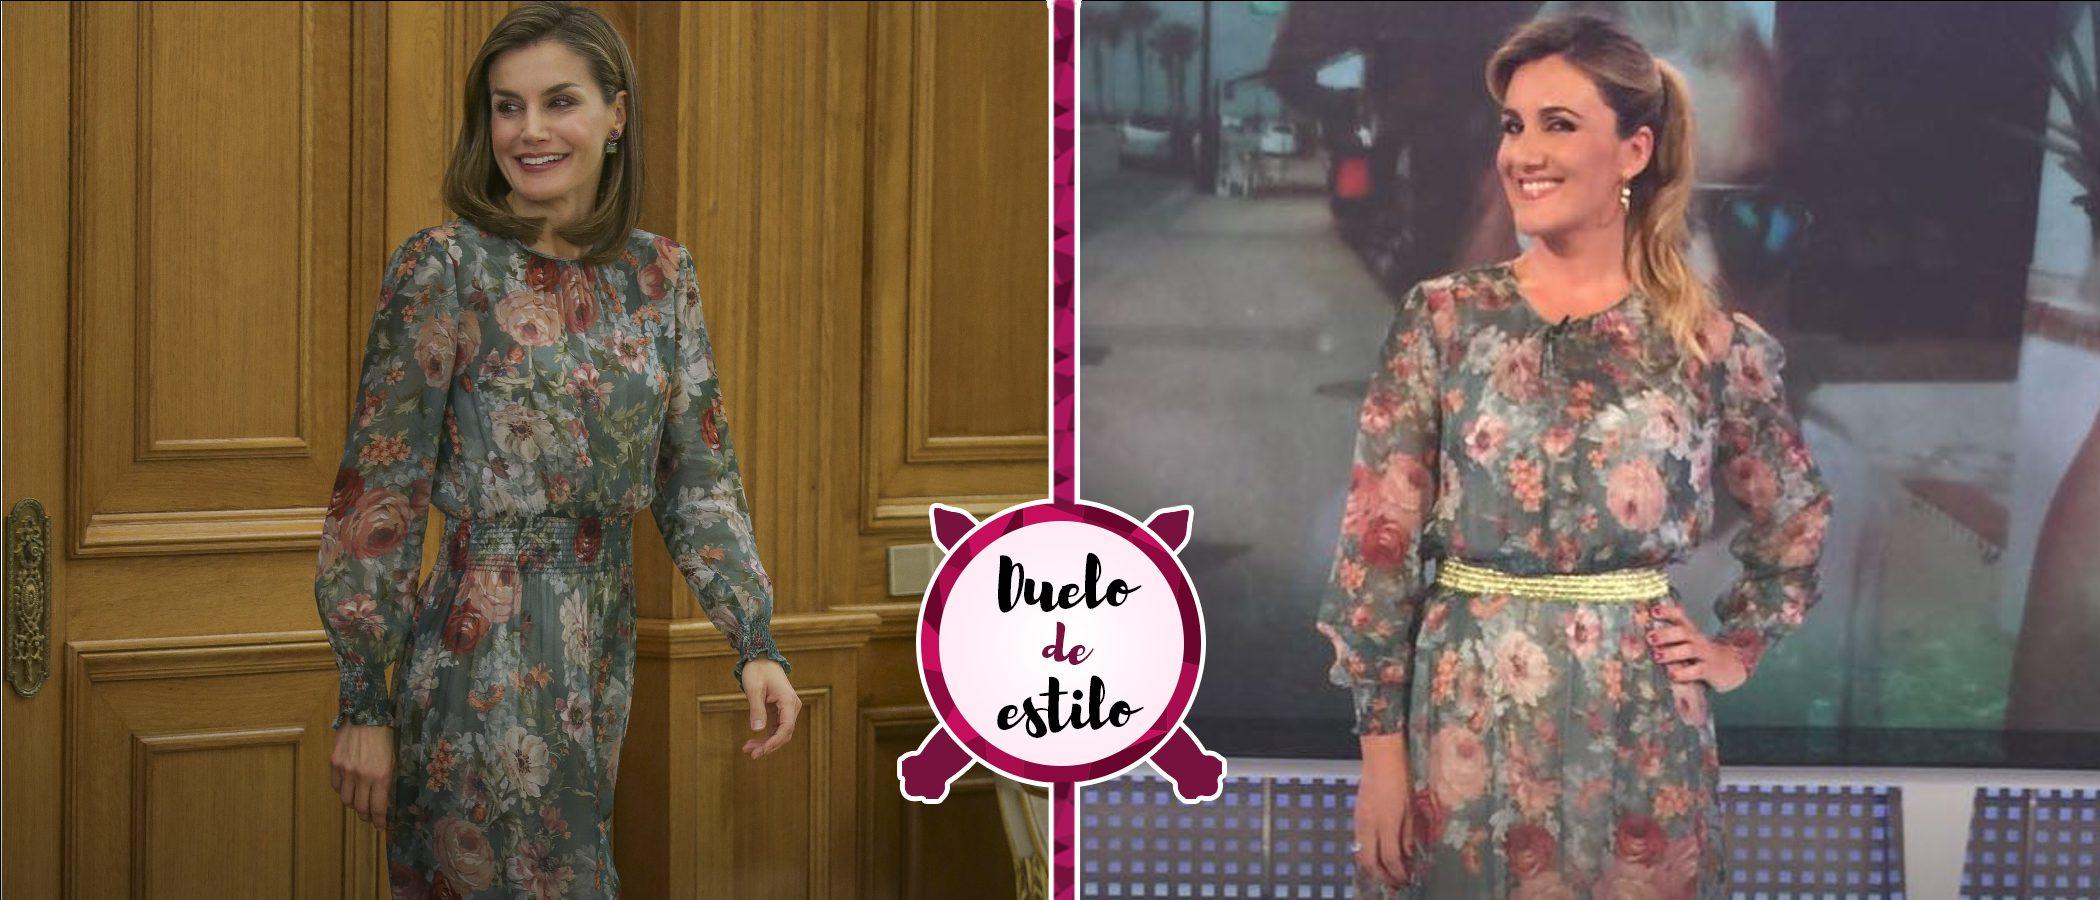 La Reina Letizia, Carlota Corredera y un mismo vestido floral de Zara: así son los dos looks